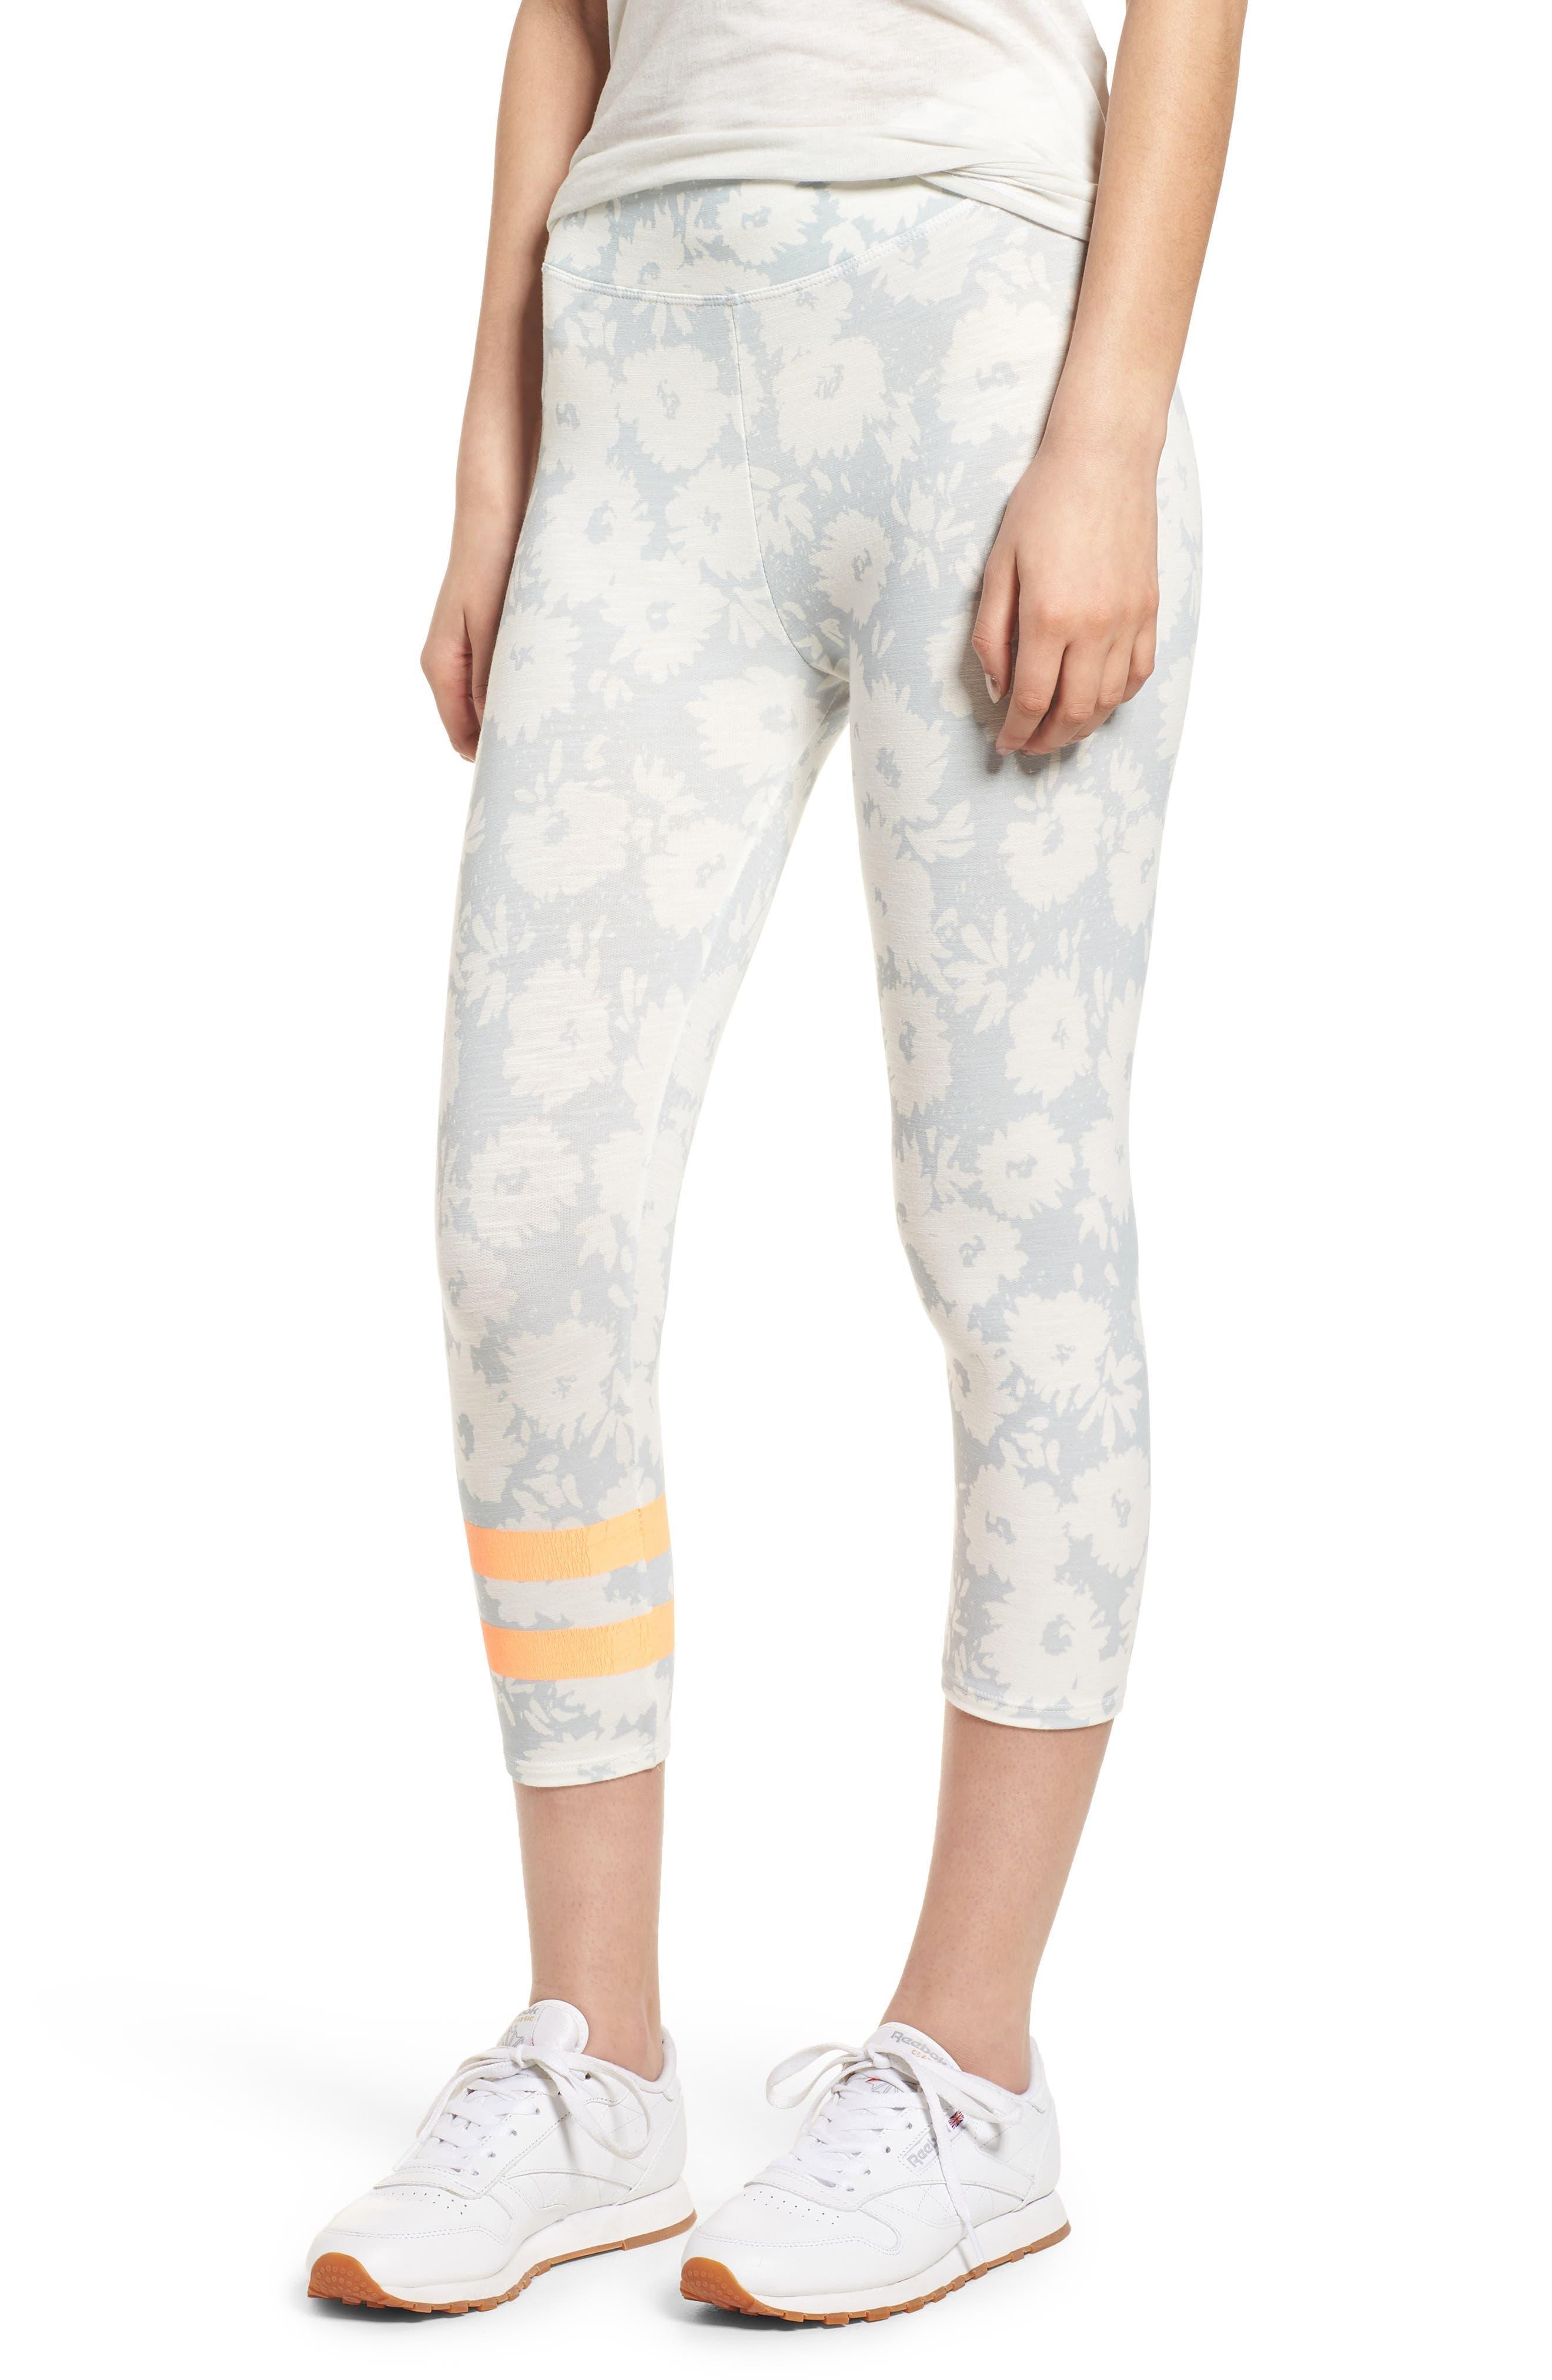 Stripe Print Capri Yoga Pants,                         Main,                         color, Sky/ White